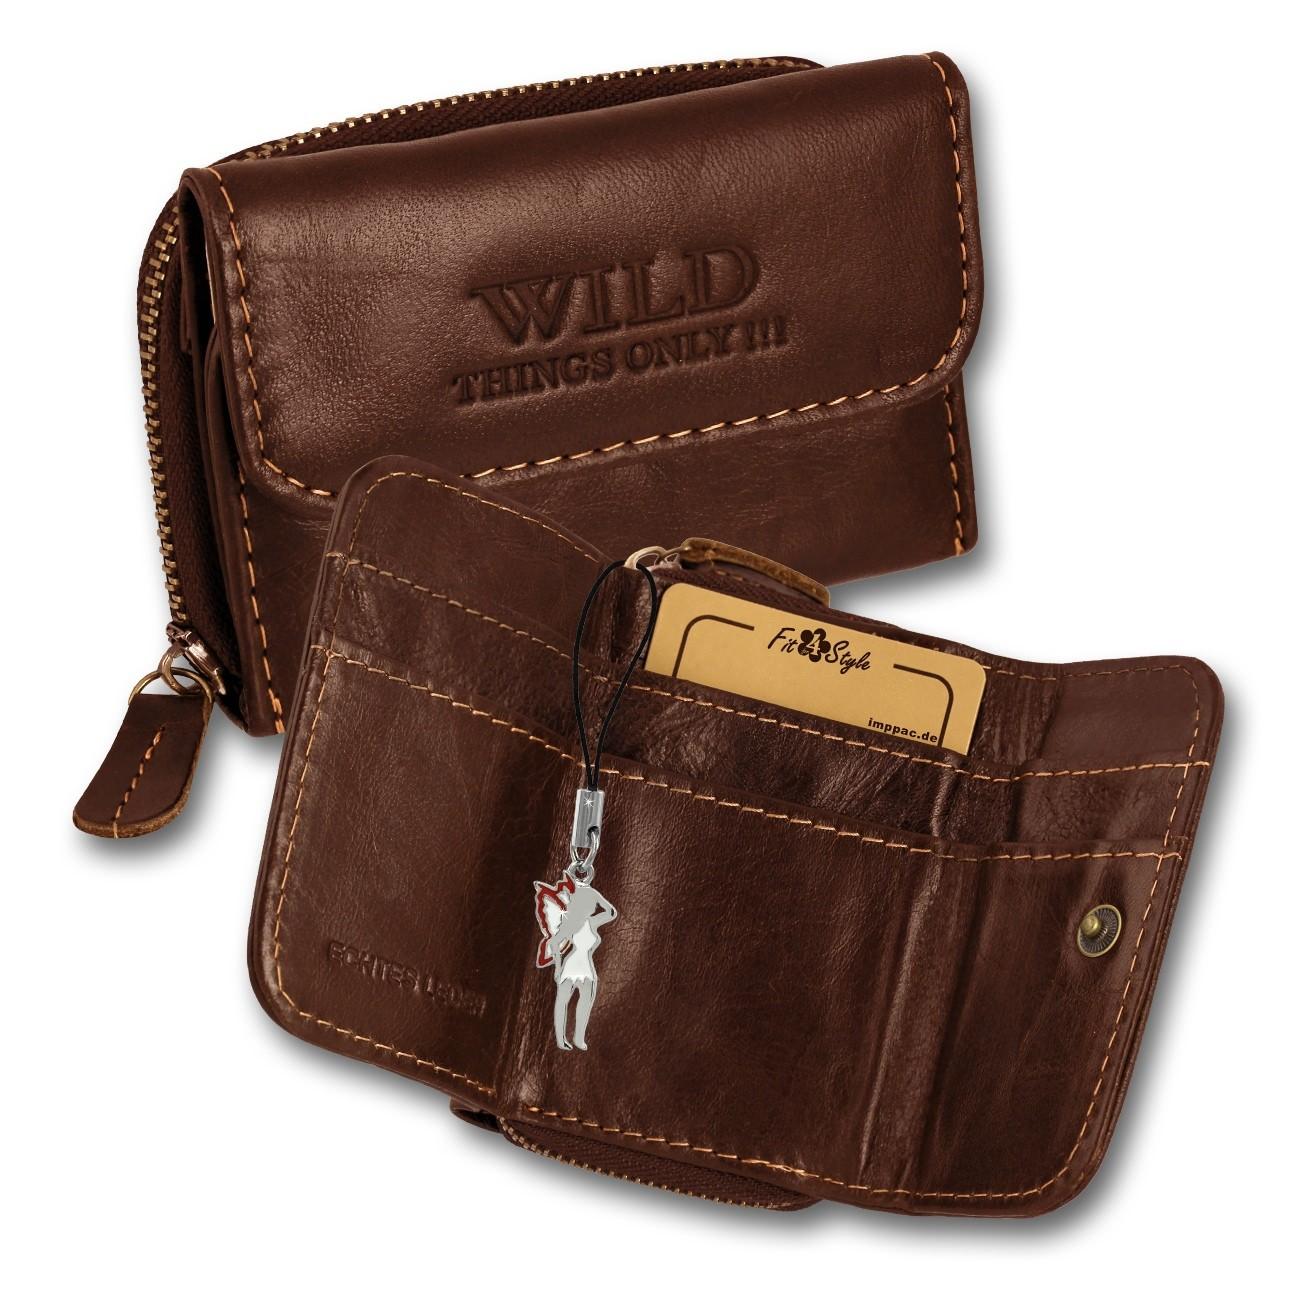 Geldbörse Leder braun kleines Portemonnaie Minibörse Wild Things Only OPJ120N